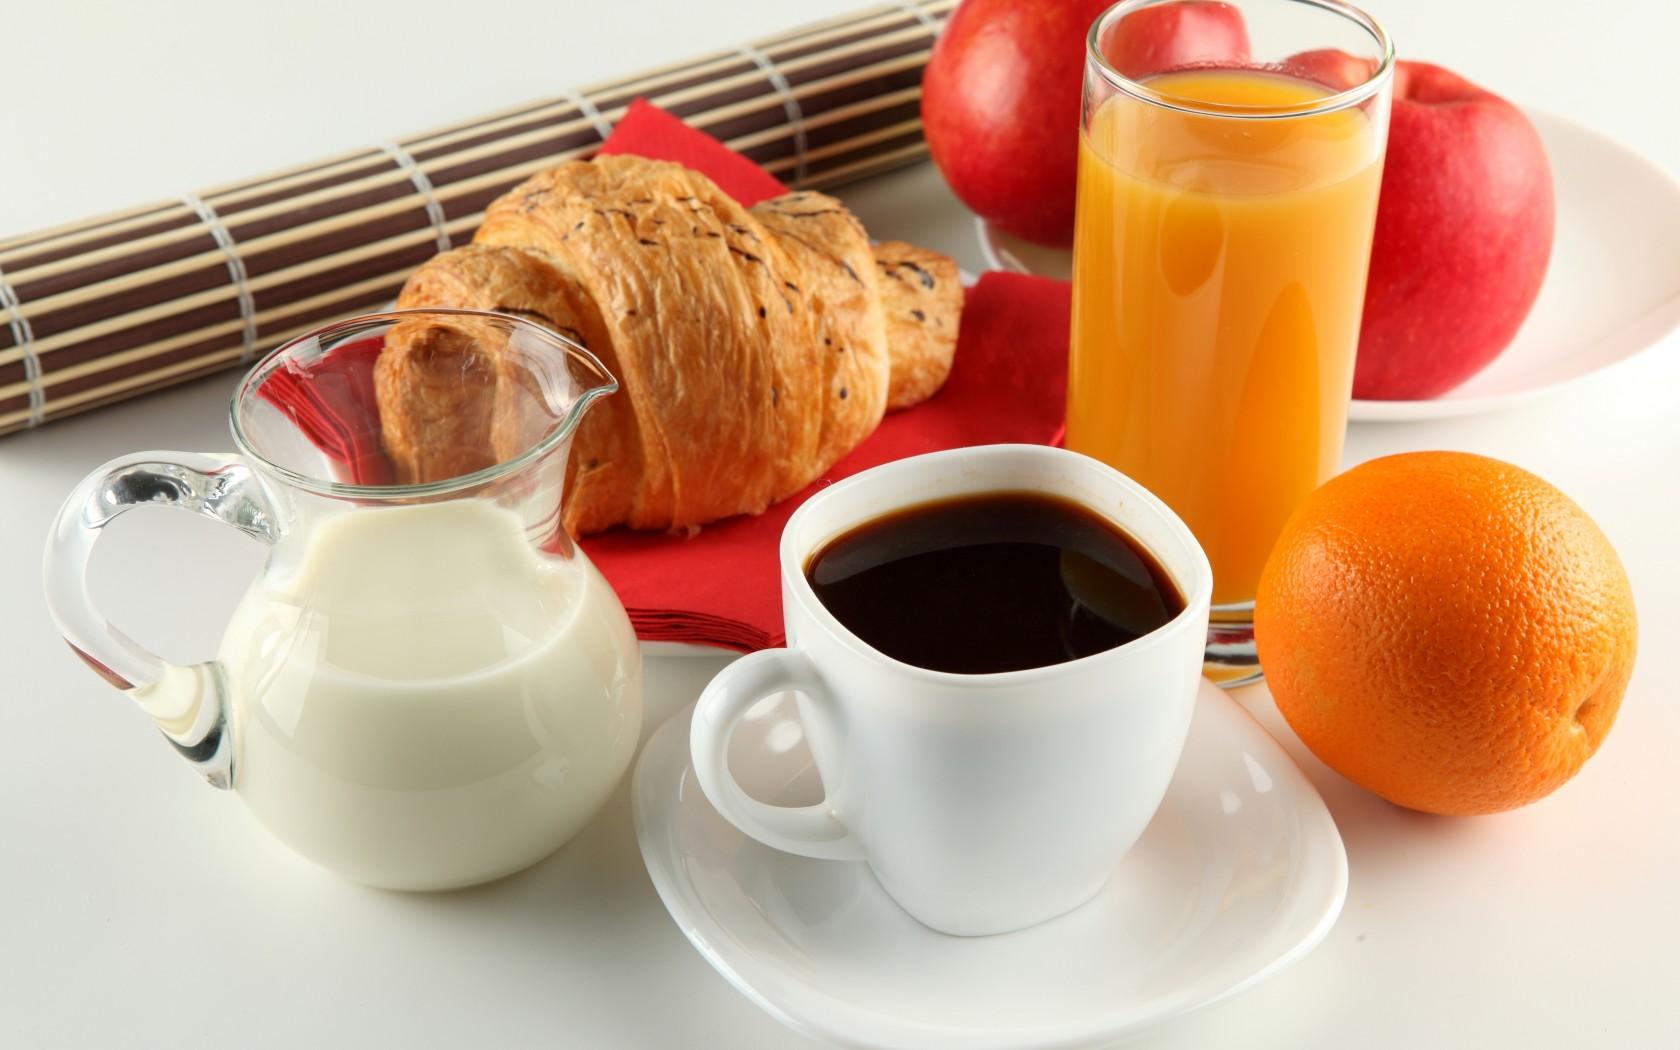 Le petit-déjeuner: indispensable mais pas trop